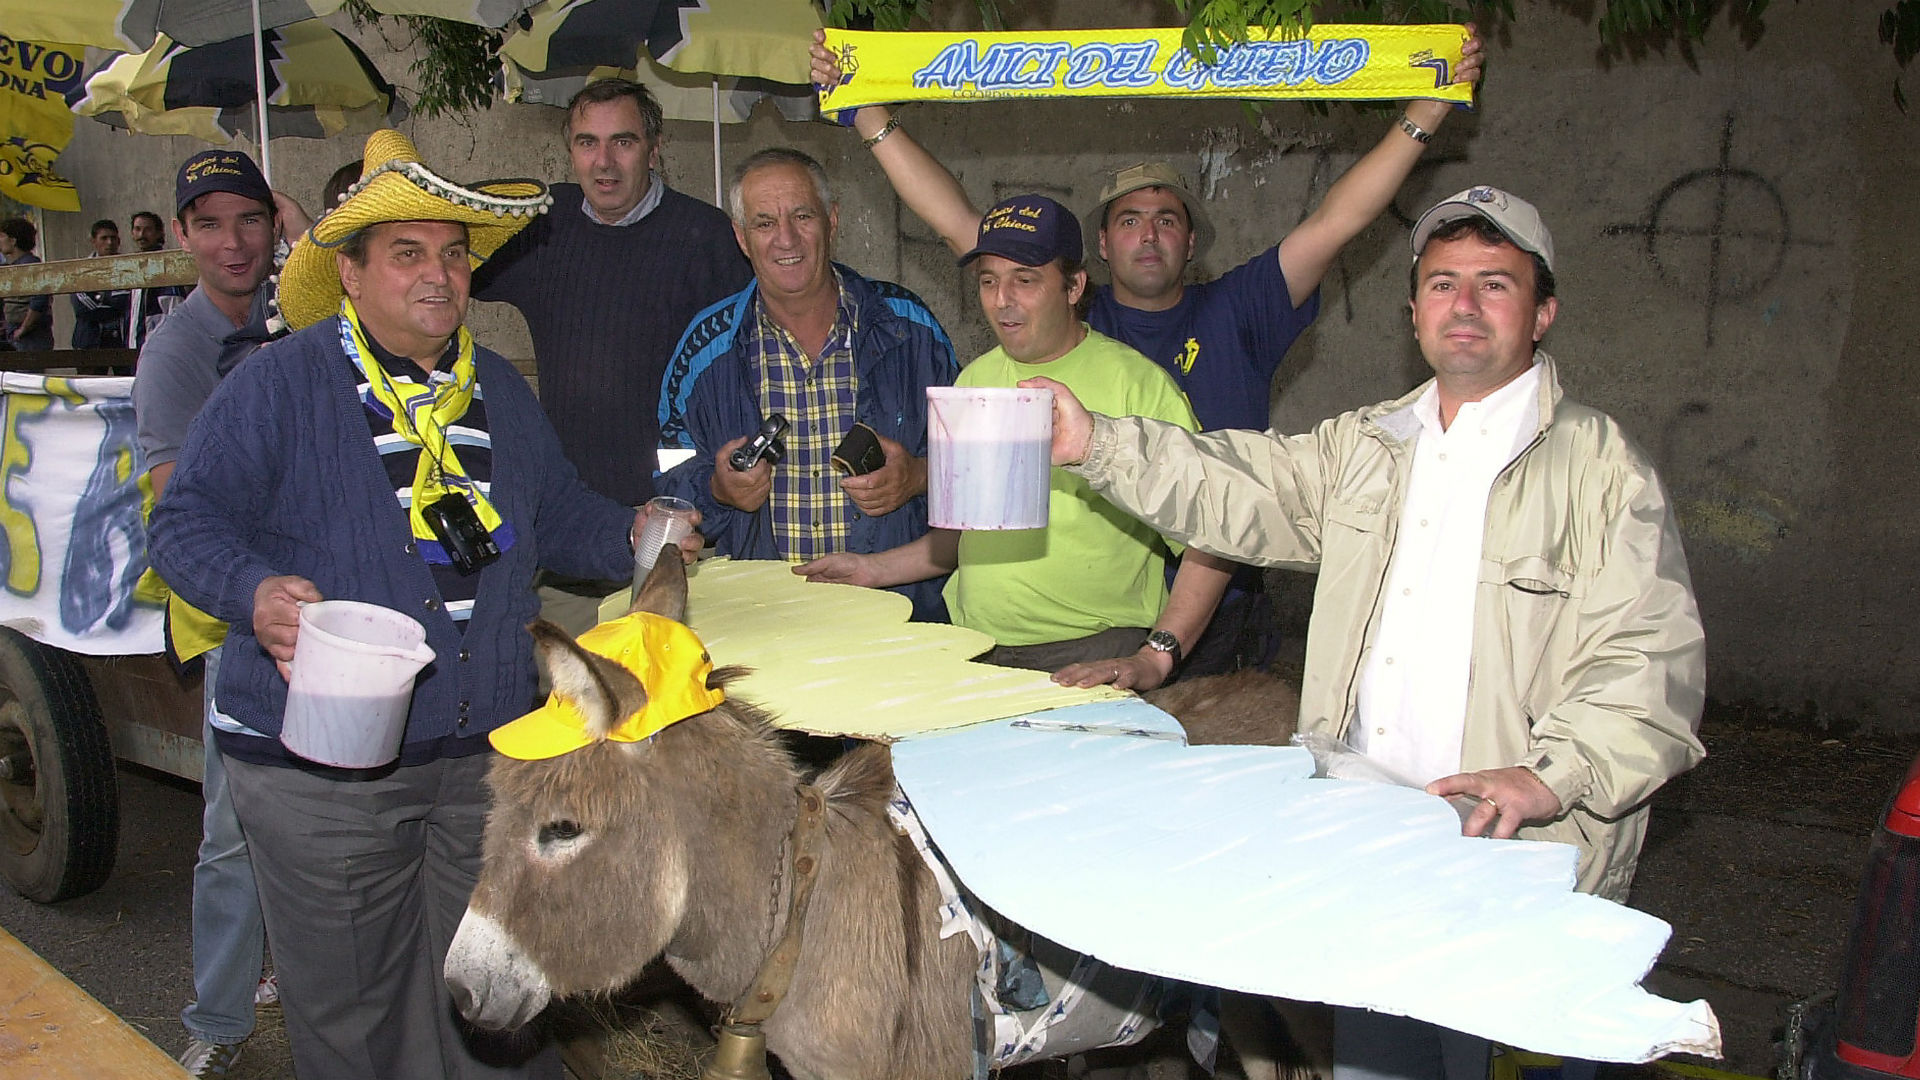 Chievo Flying Donkeys 2001